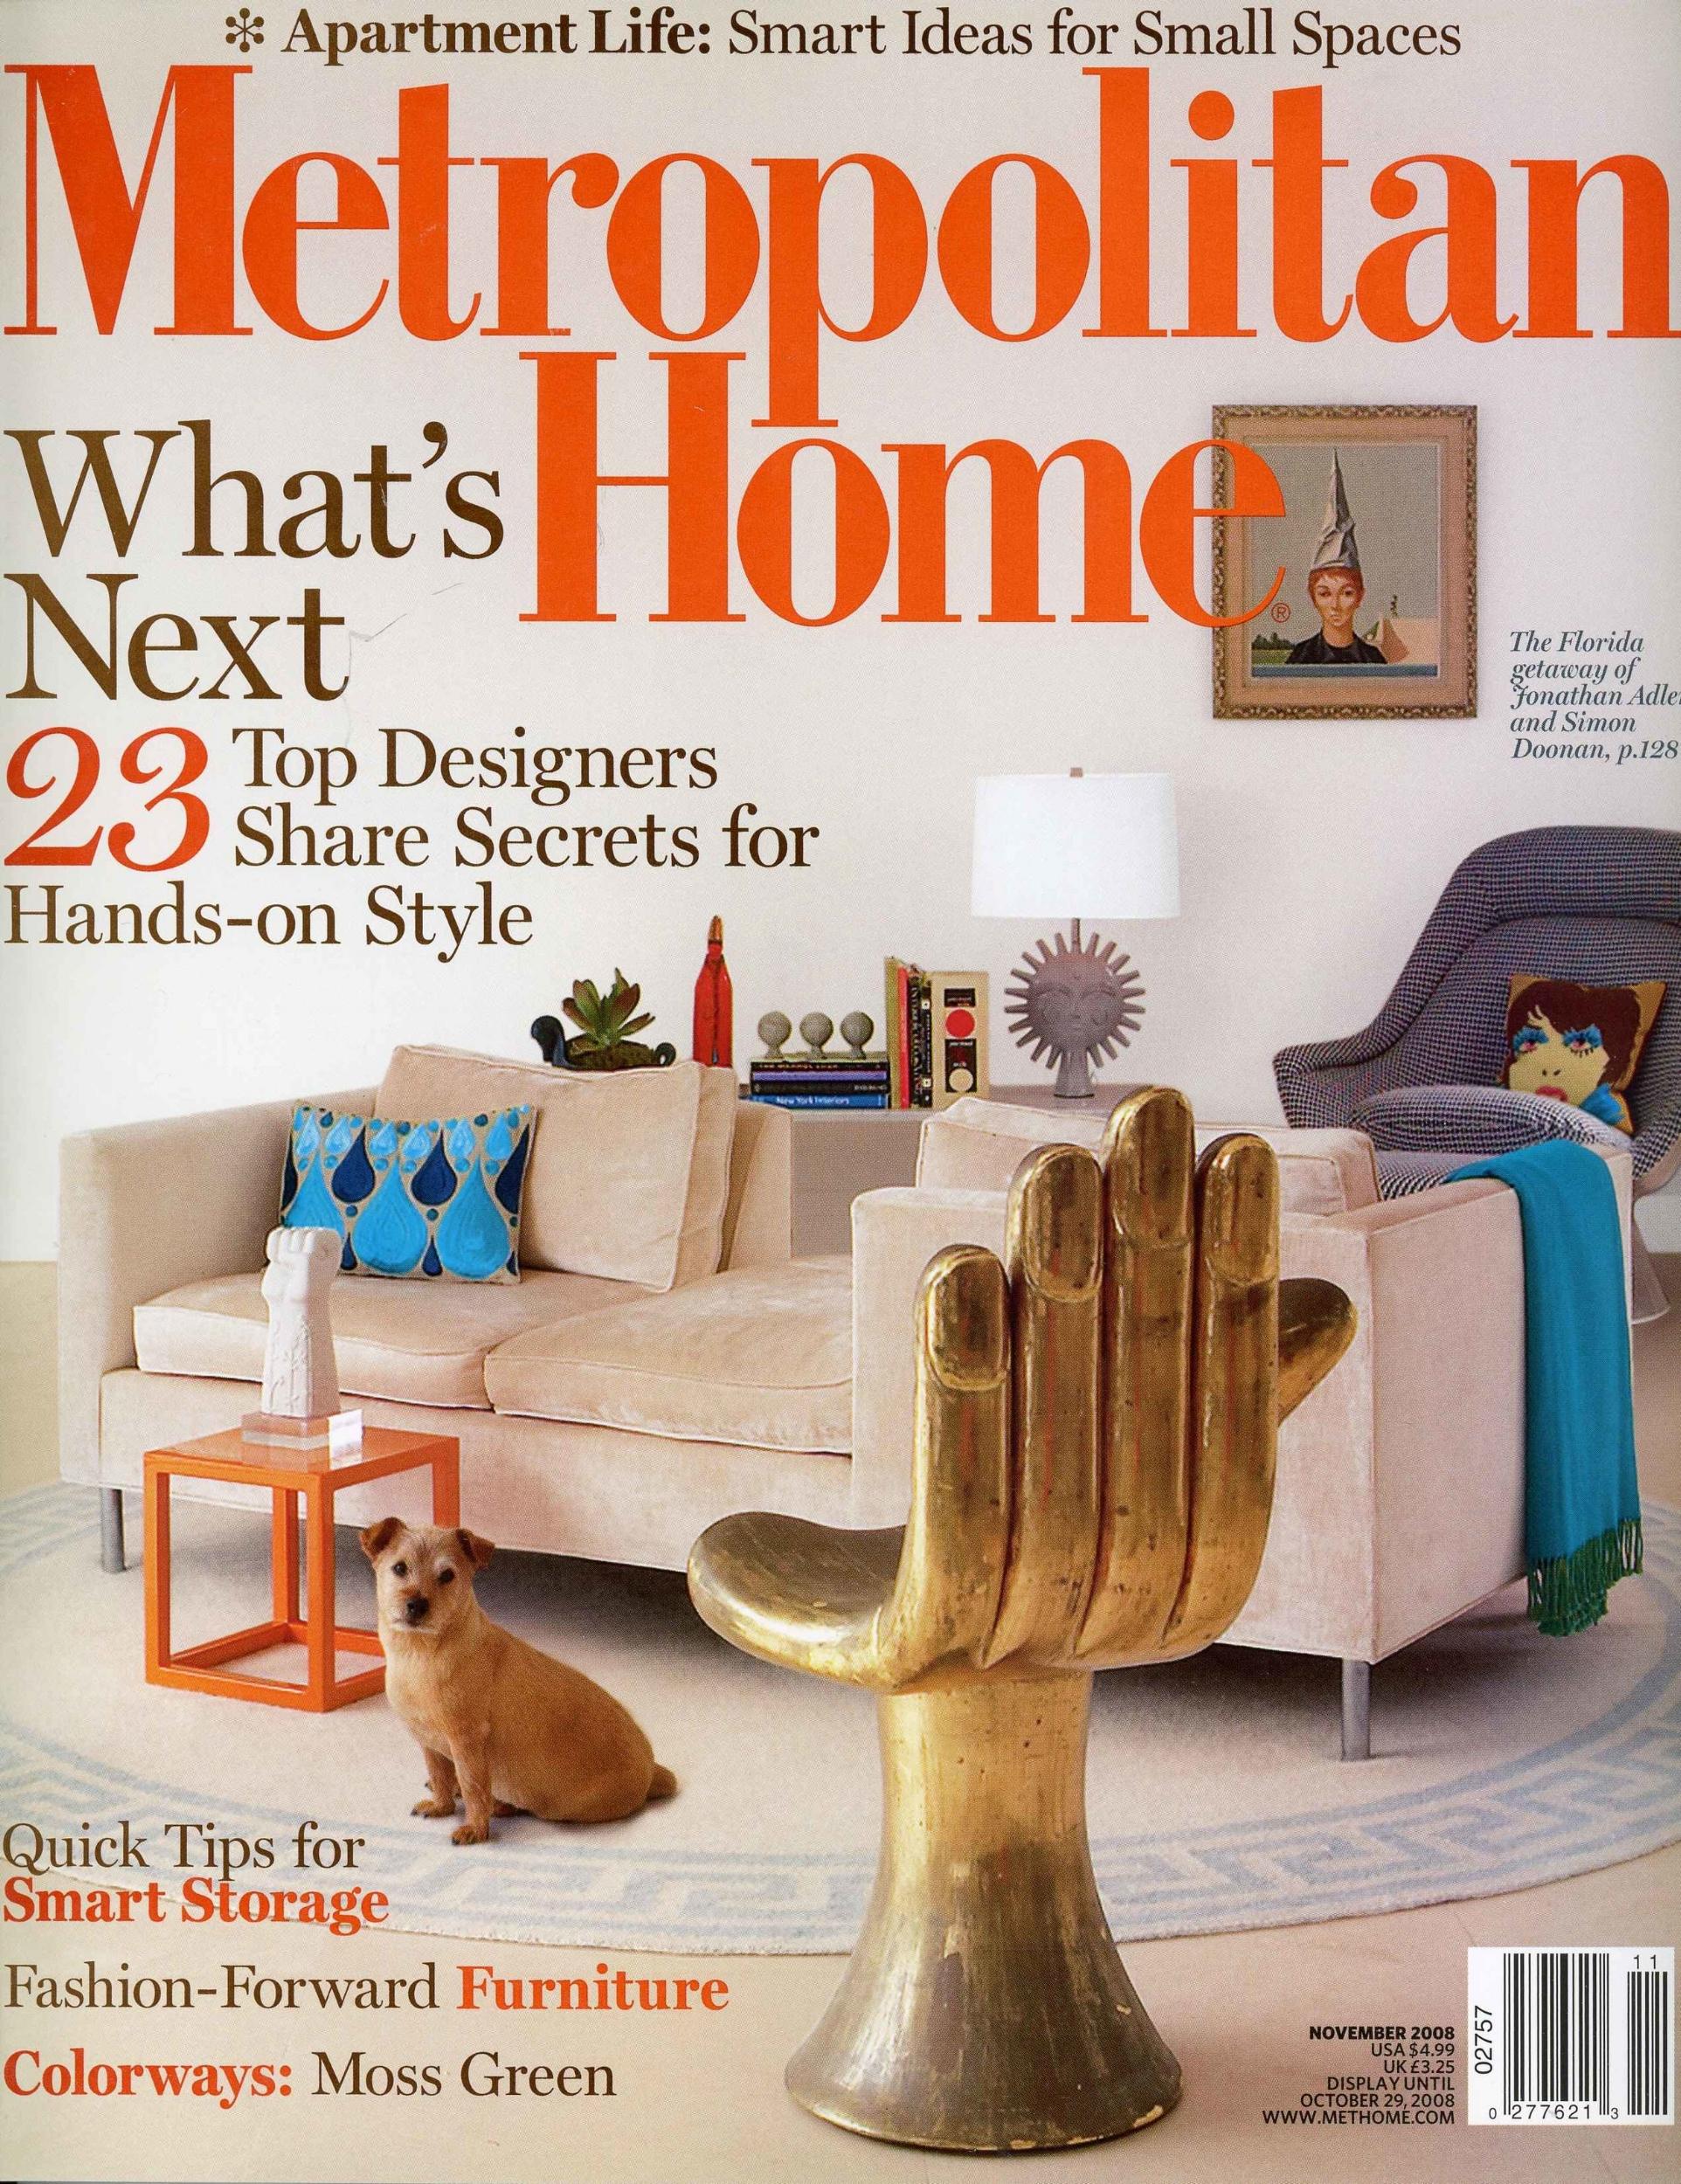 Met Home_Nov 08_Hamptons House_Full Article_Page_01.jpg